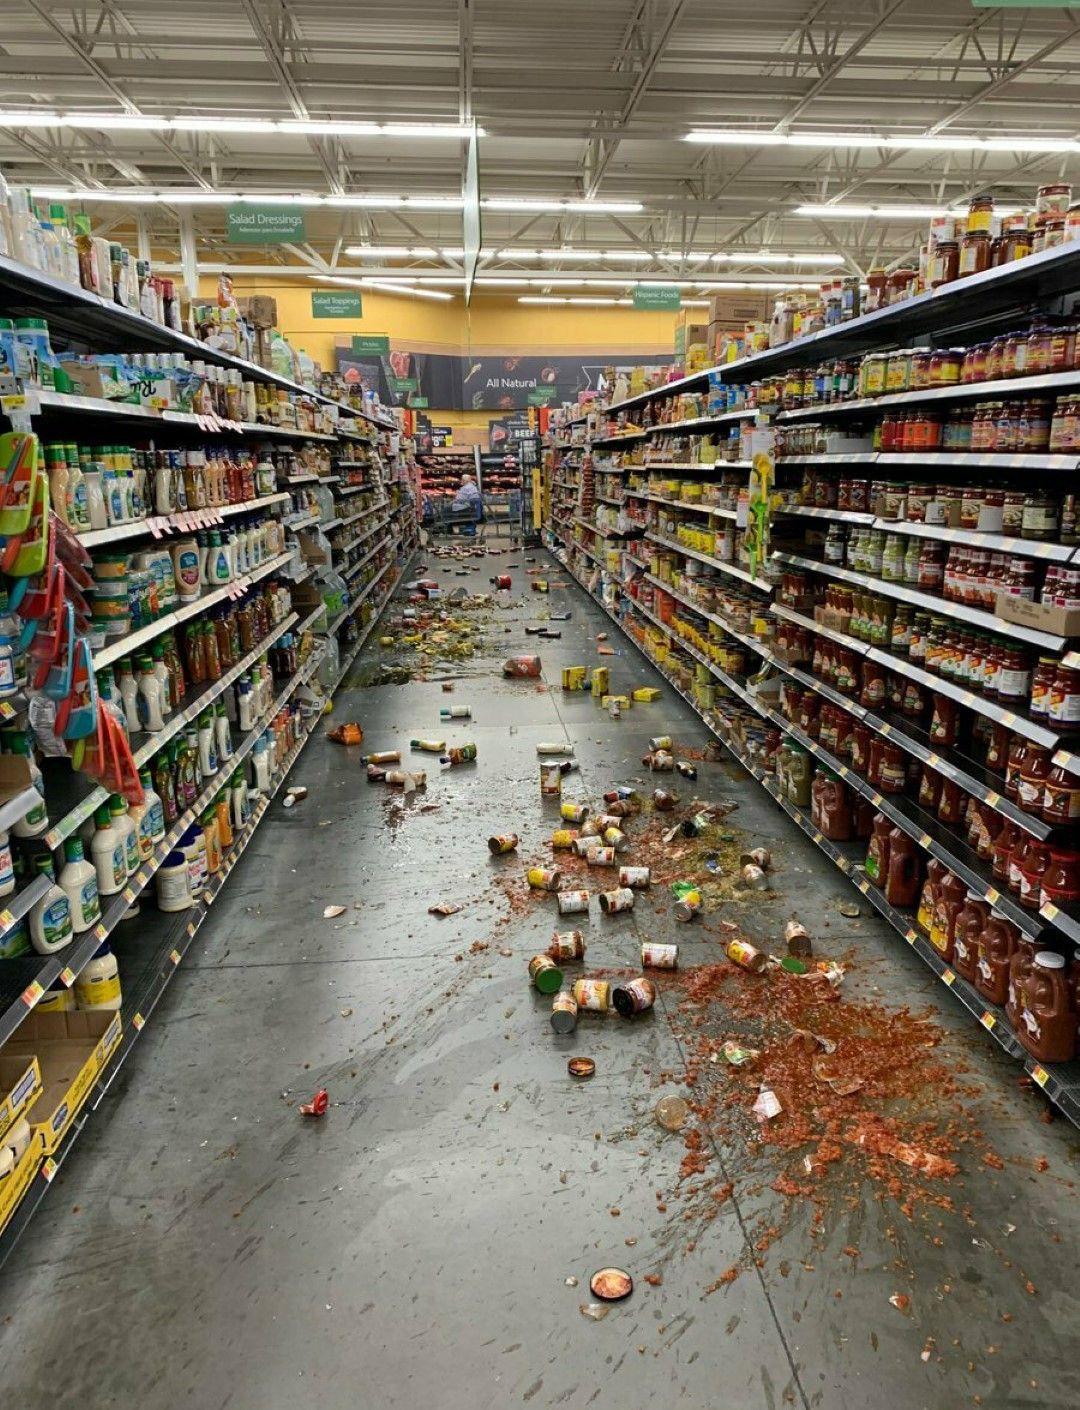 Това е най-силното земетресение в района от 20 години насам